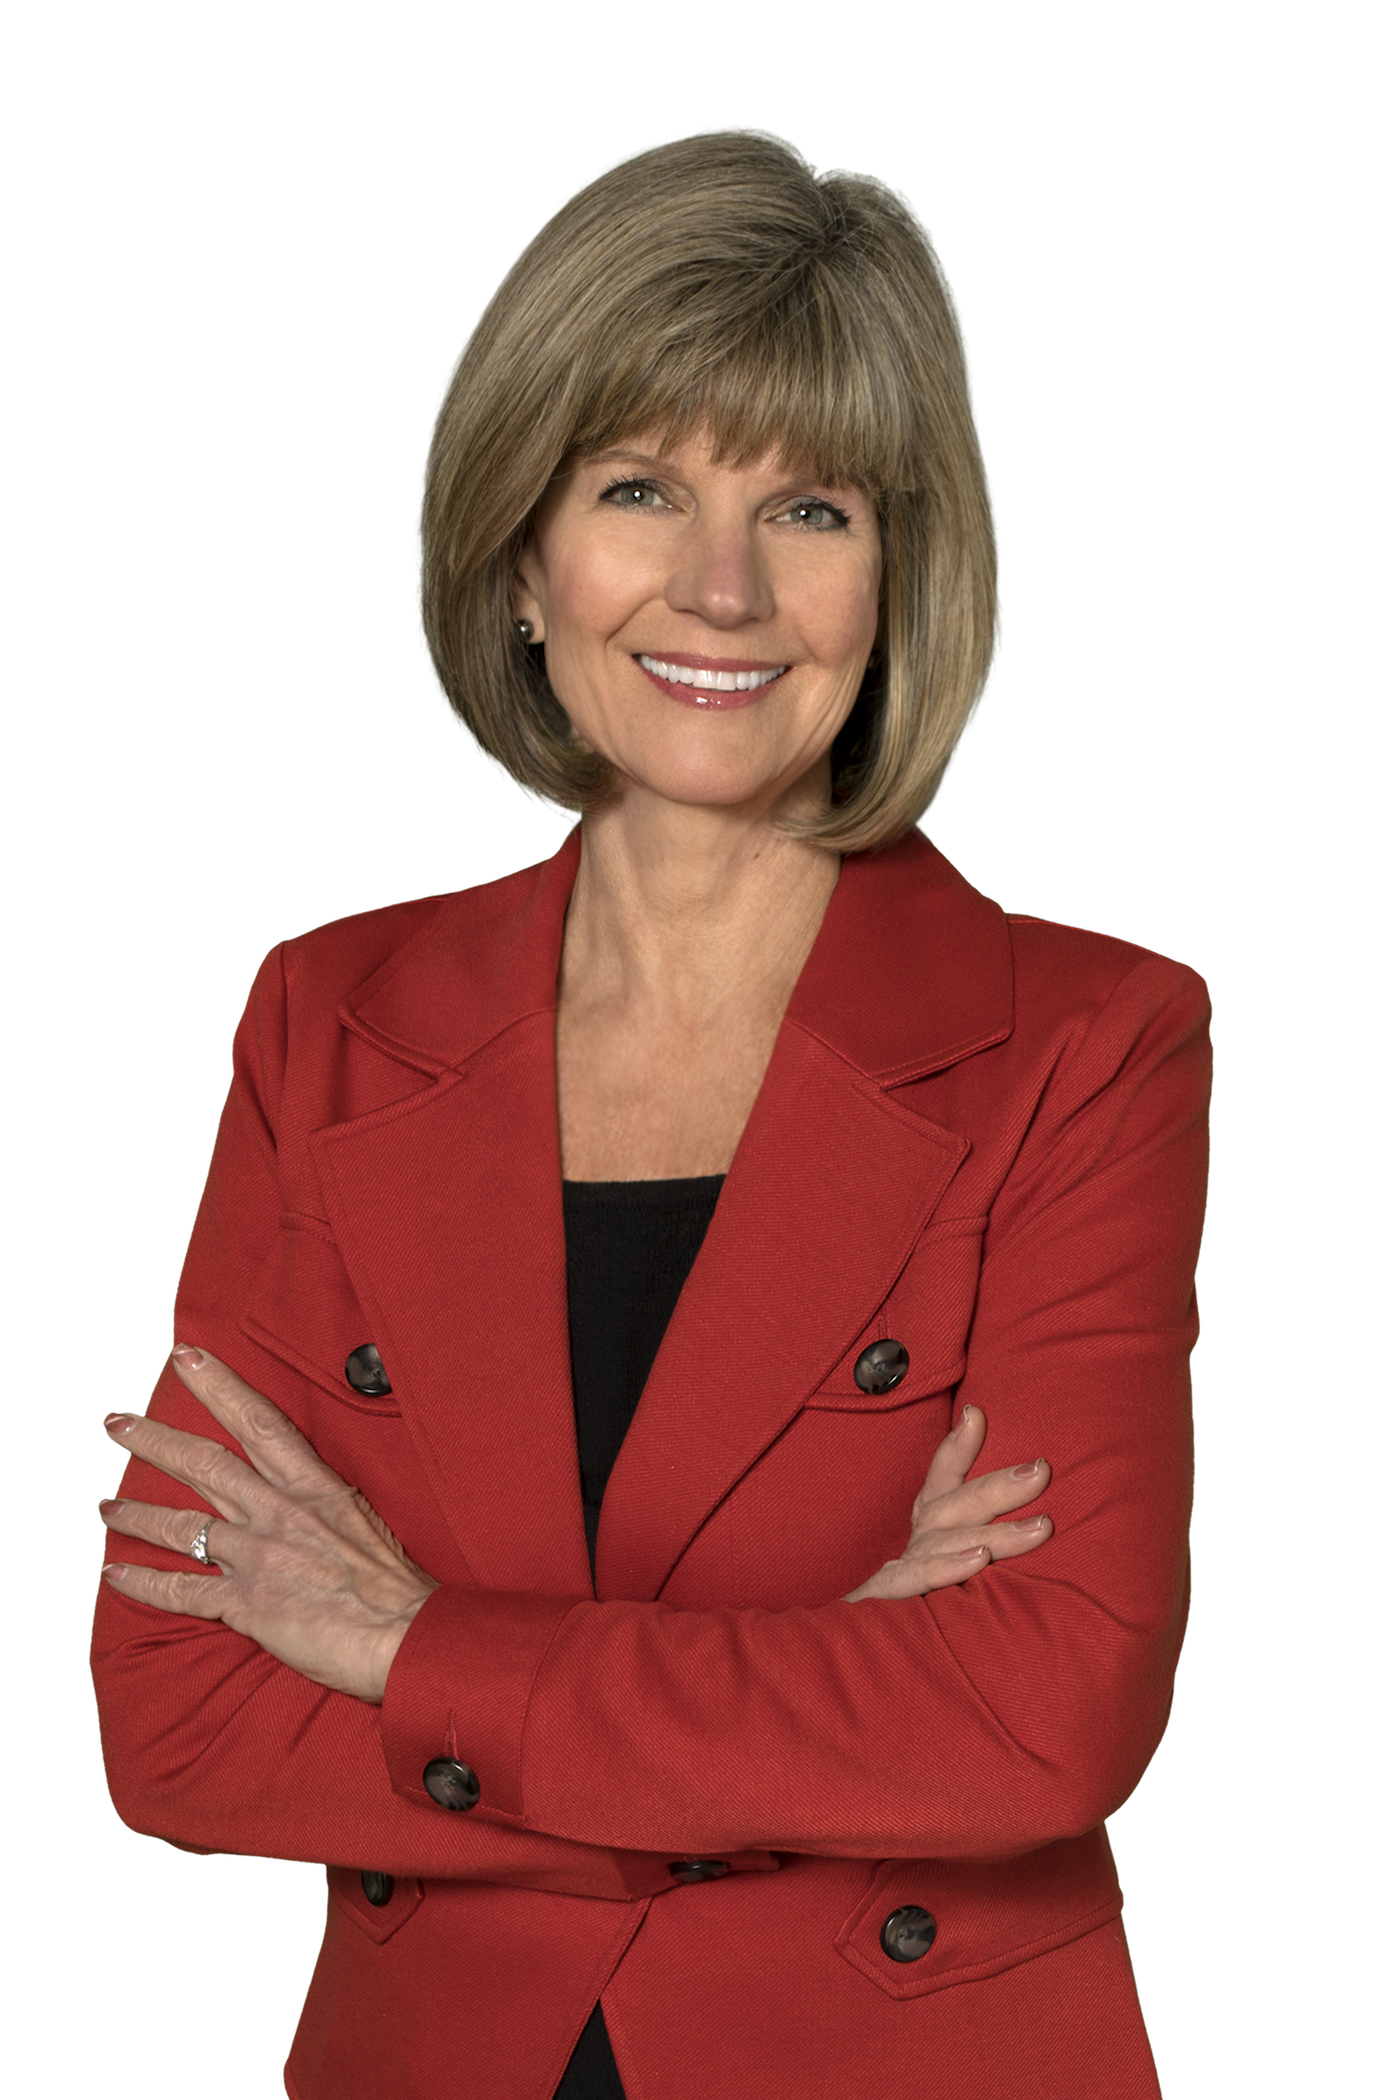 Ann McLaren